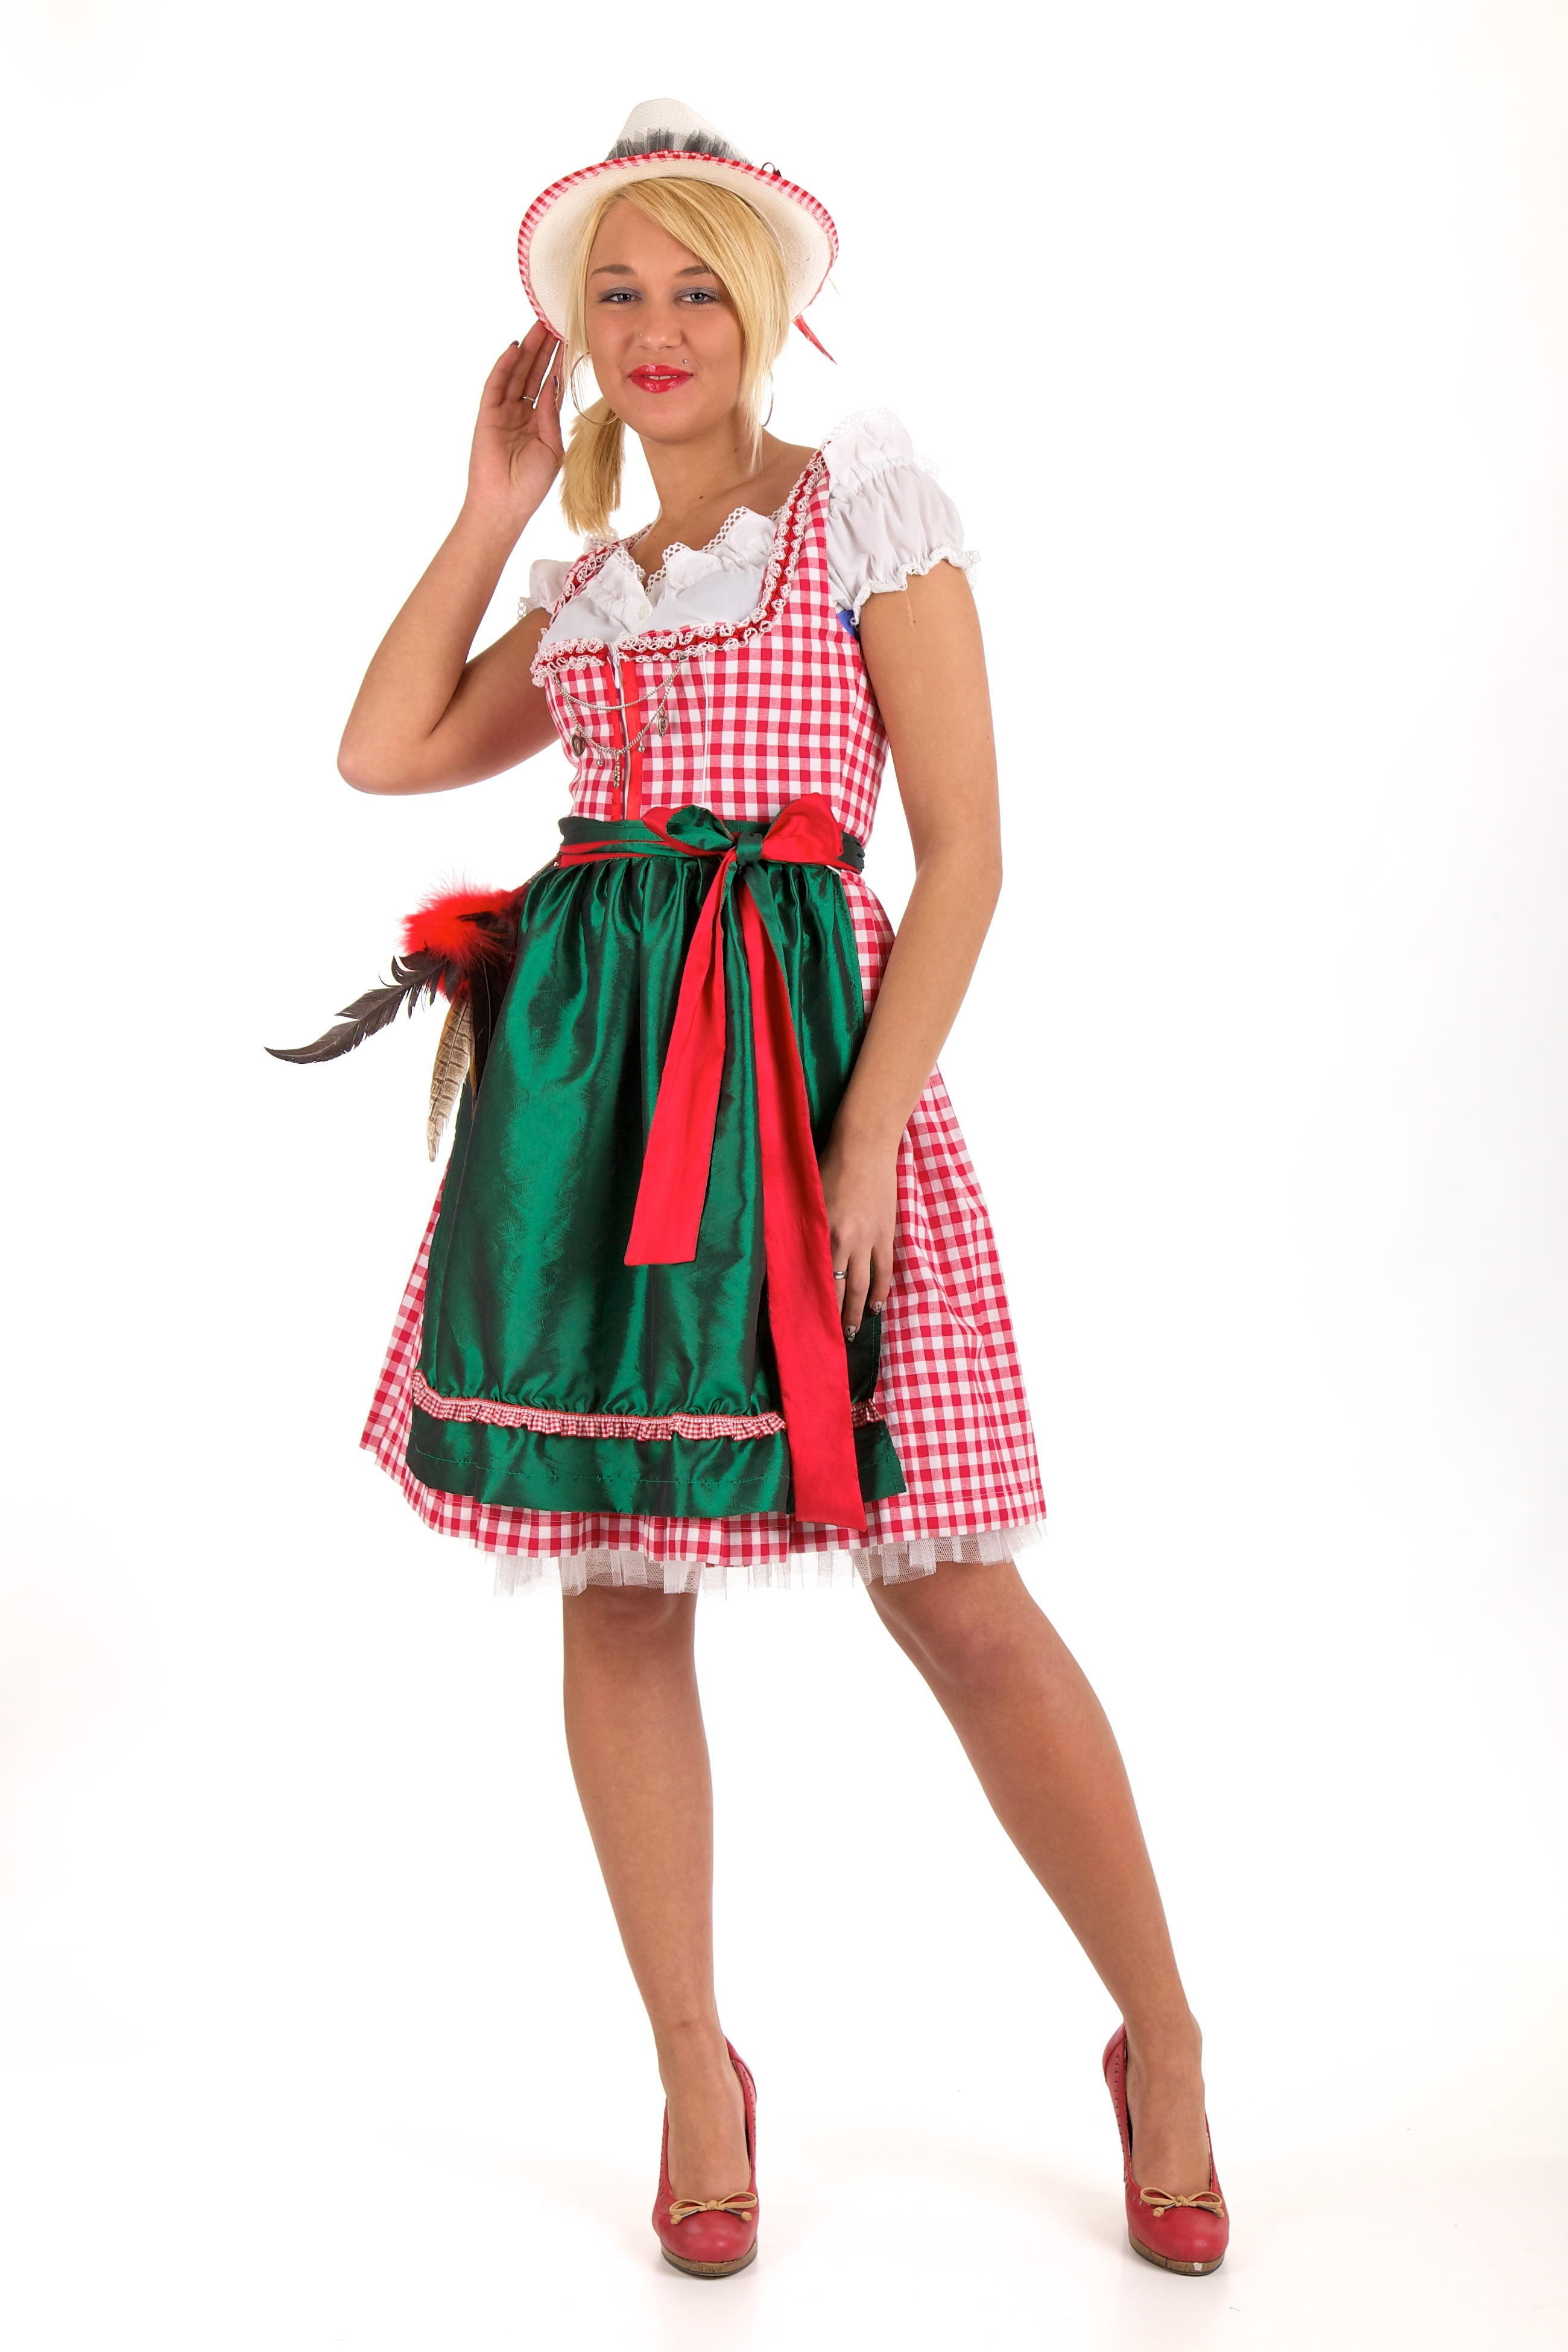 ёсивара посещали из германии одежда картинки для юлианне